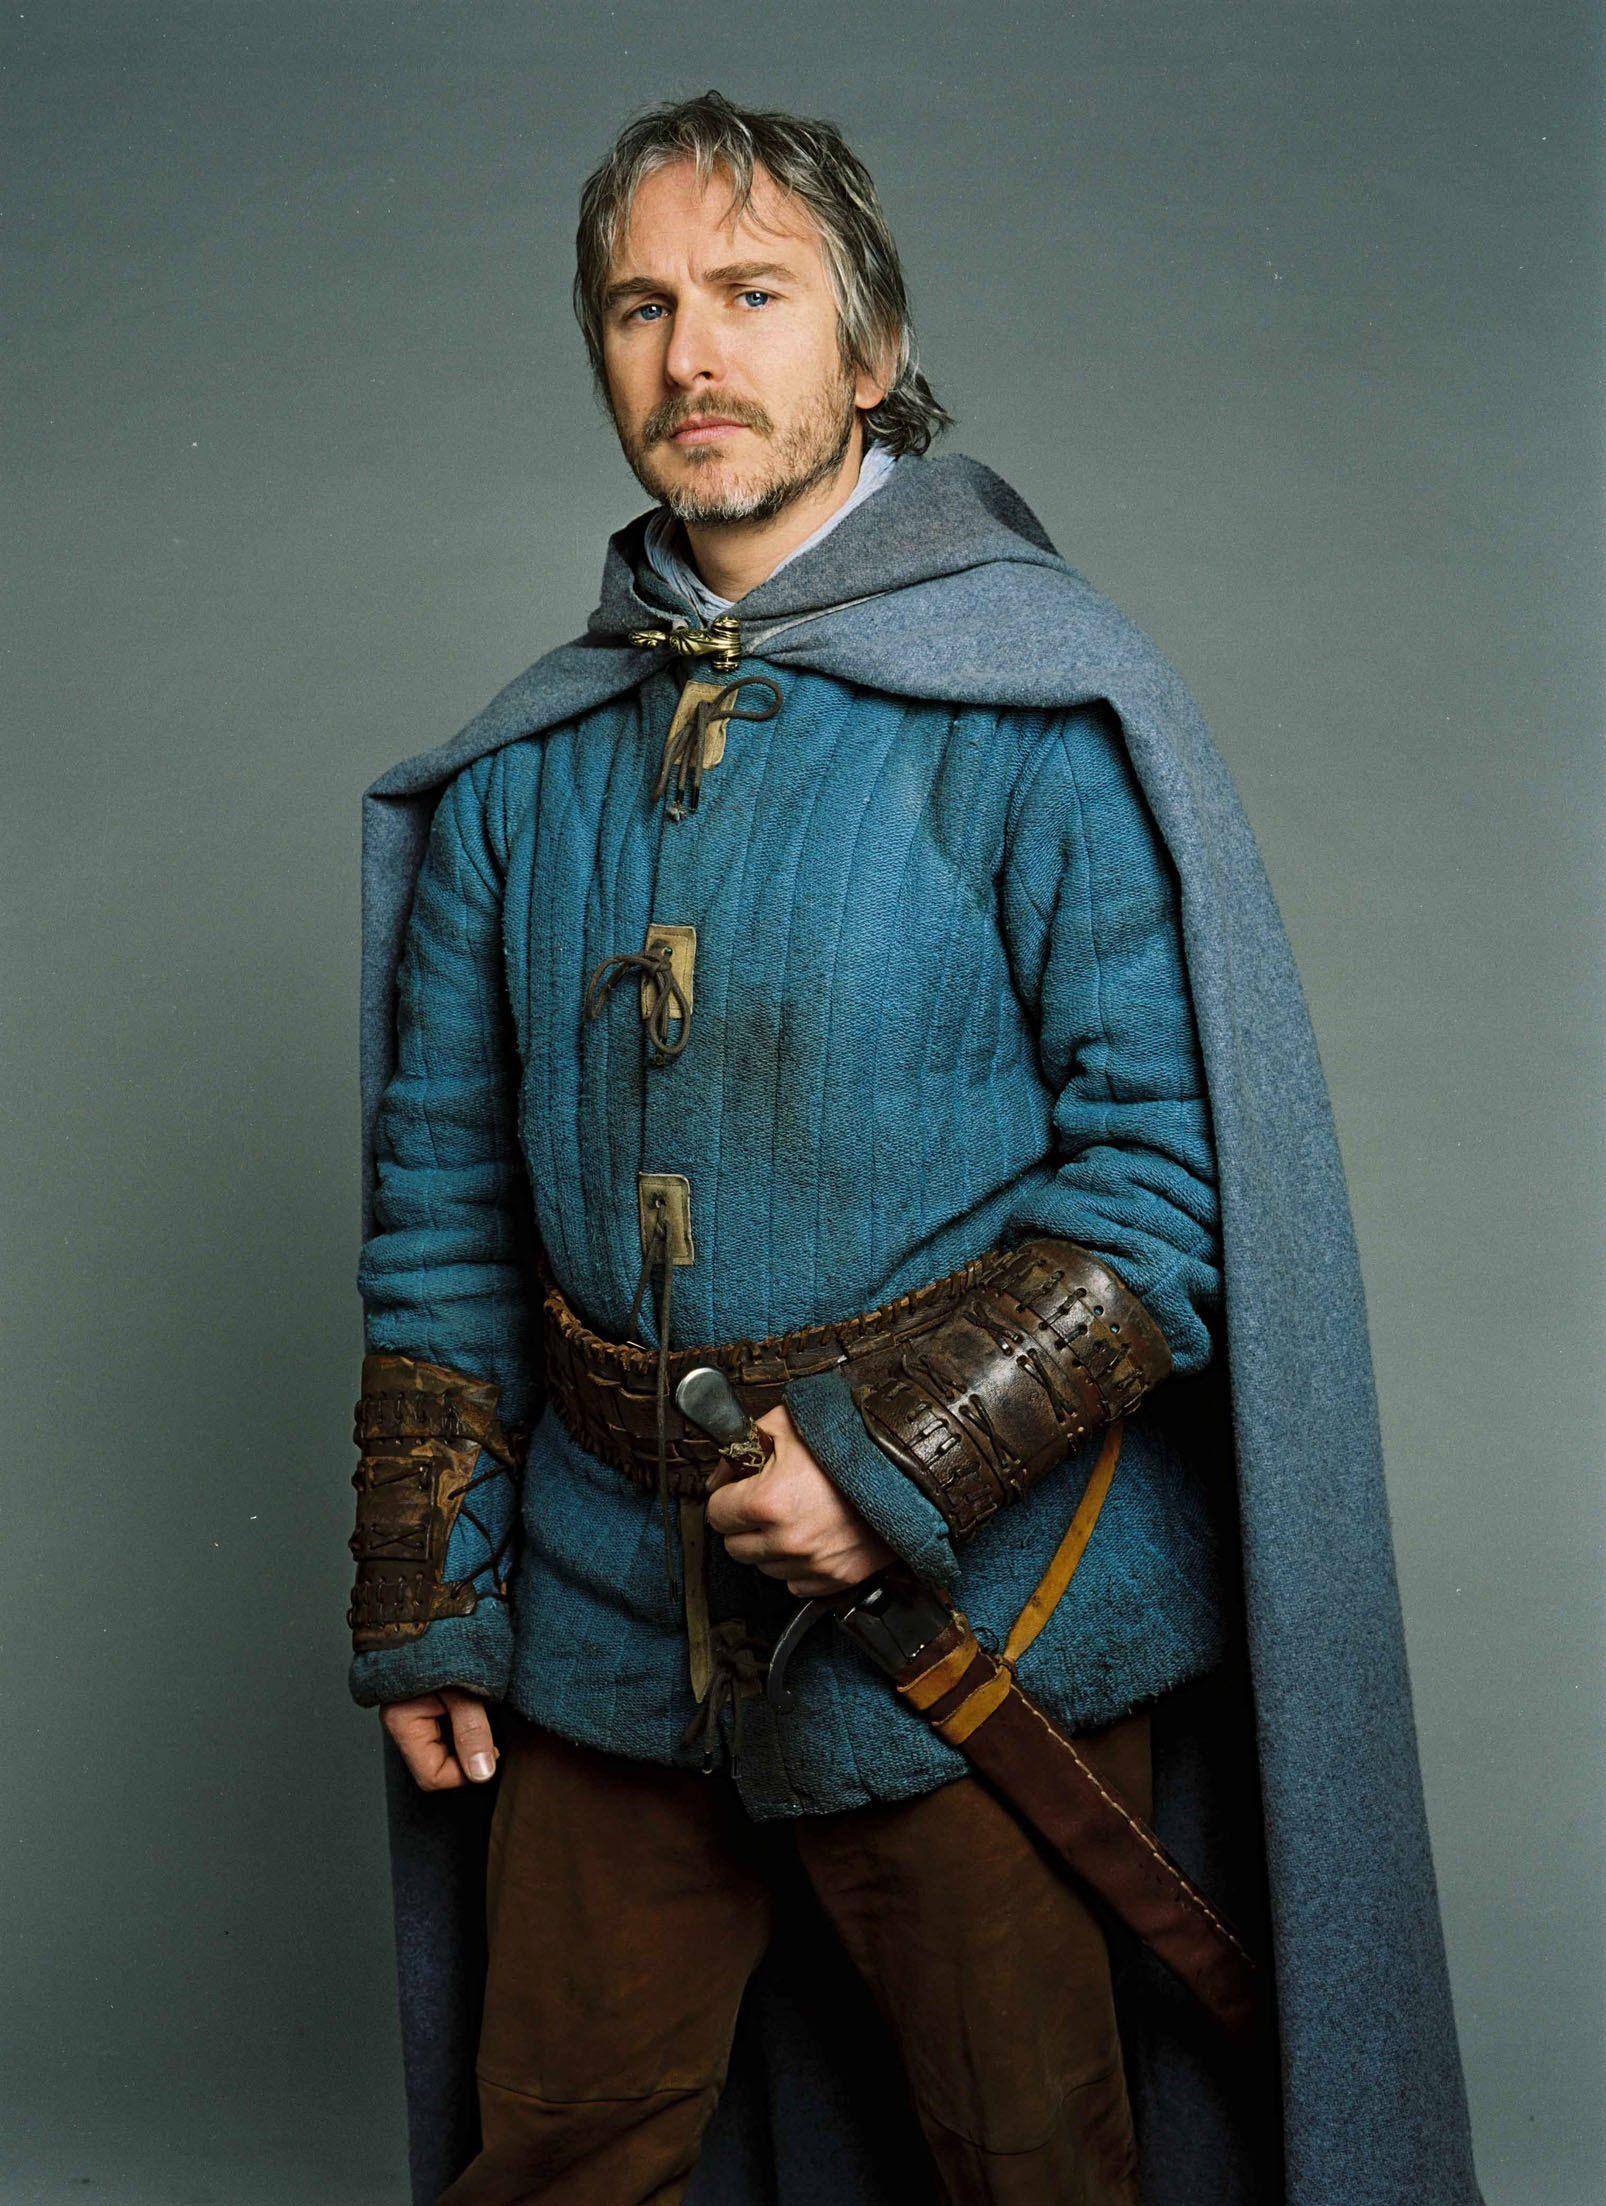 Perceval wiki kaamelott officiel fandom powered by wikia - Lancelot chevalier de la table ronde ...